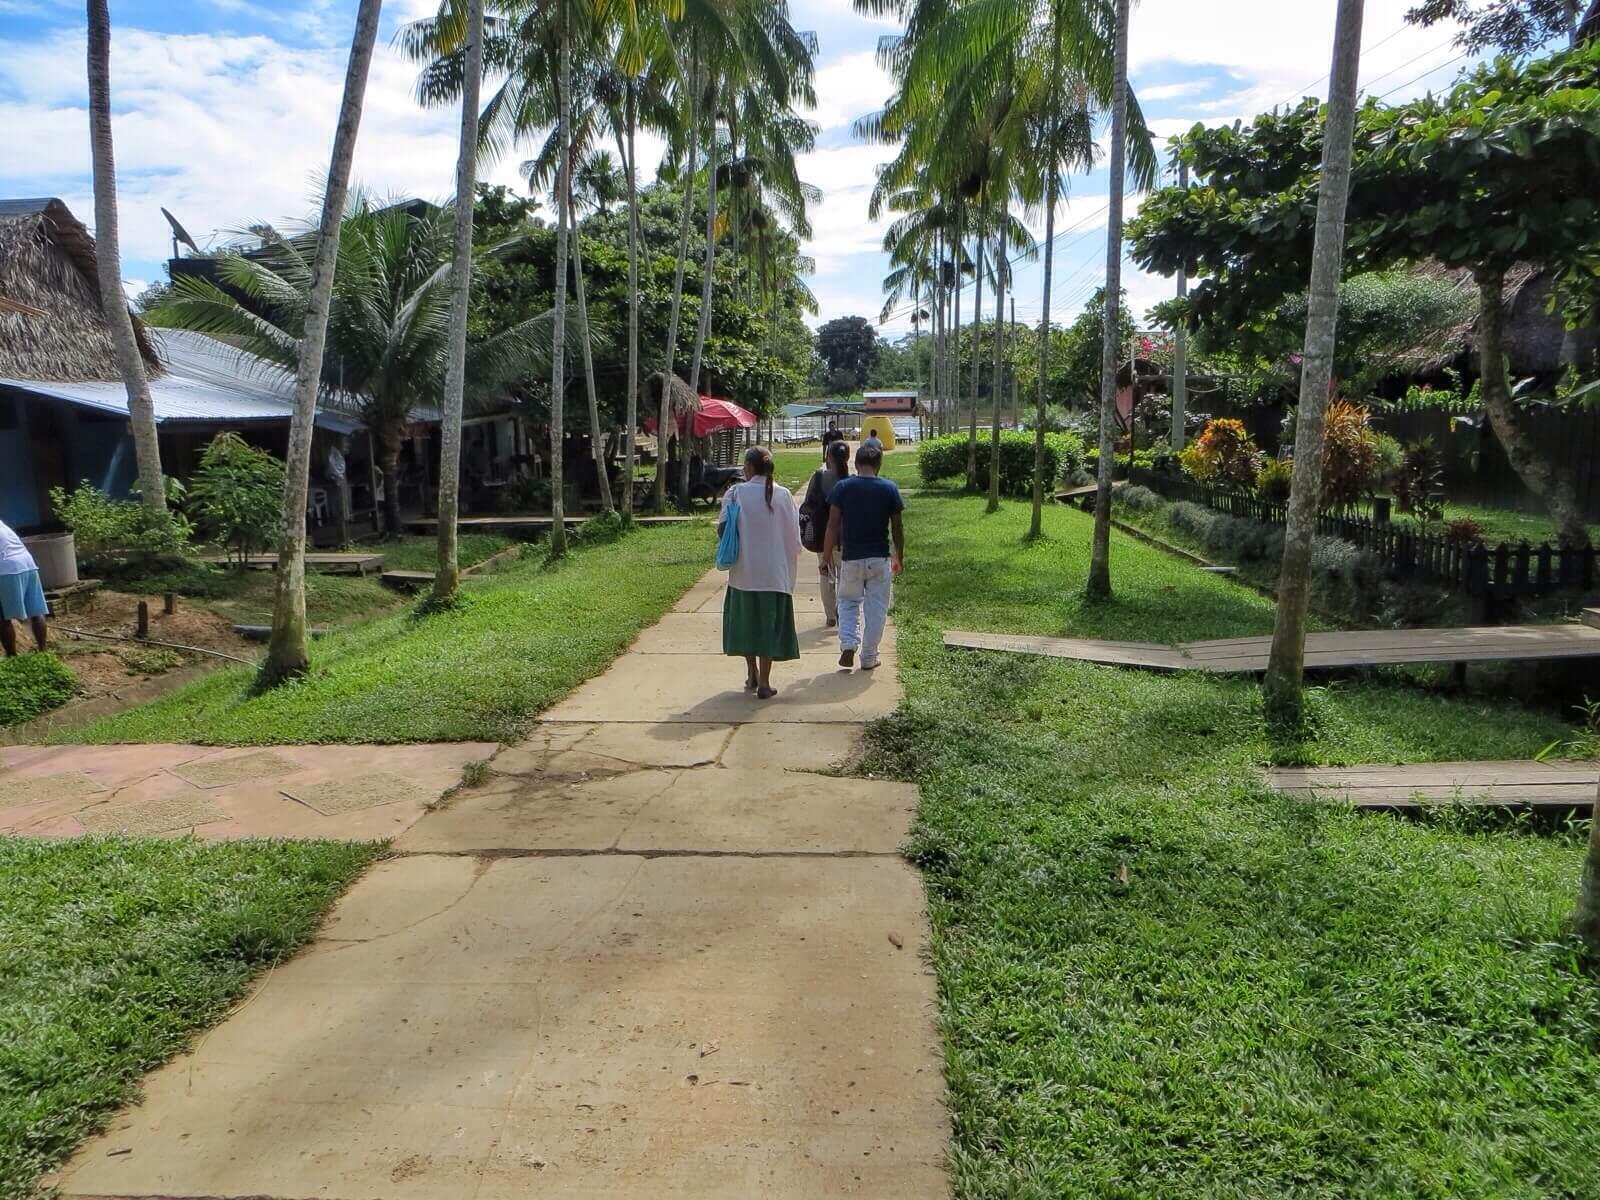 Parikymmentä kilometriä Amazonia ylävirtaan oli neljäntuhannen asukkaan Puerto Nariño. Kylä kuin satukirjasta. Kauniita taloja ja puutarhoja ja kaikki hymyilivät ja tervehtivät toisiaan.